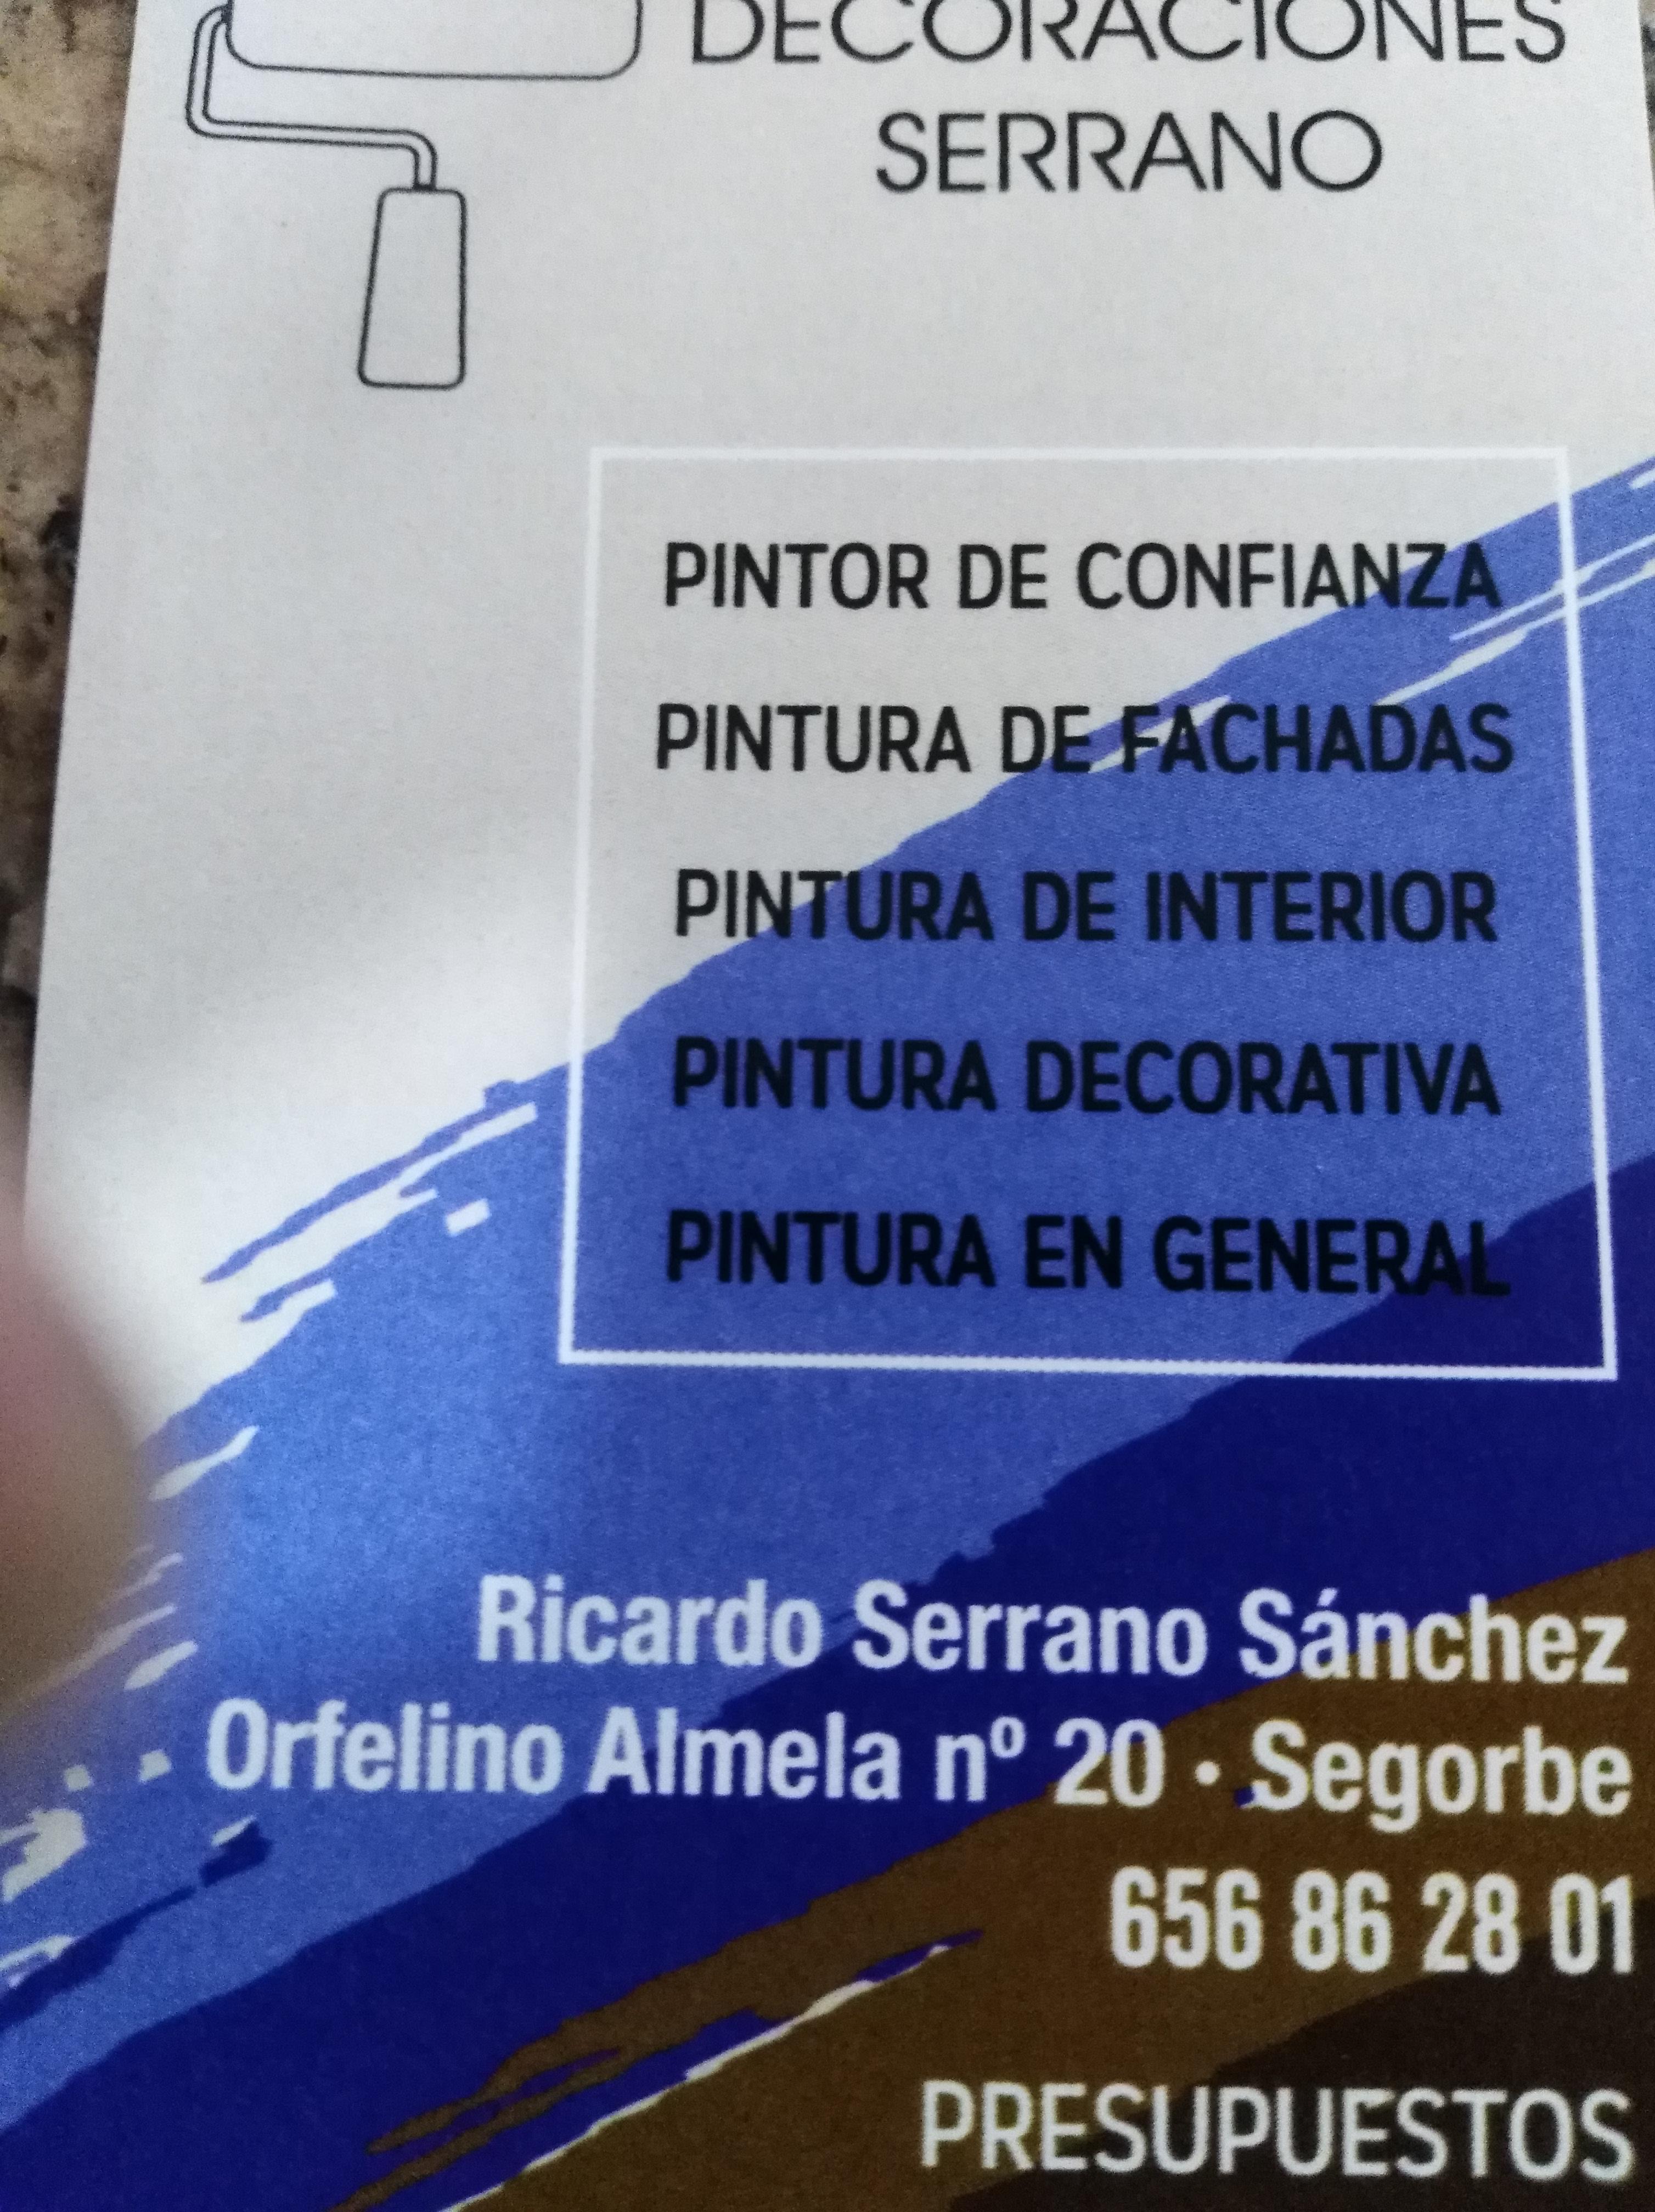 Decoraciones Serrano